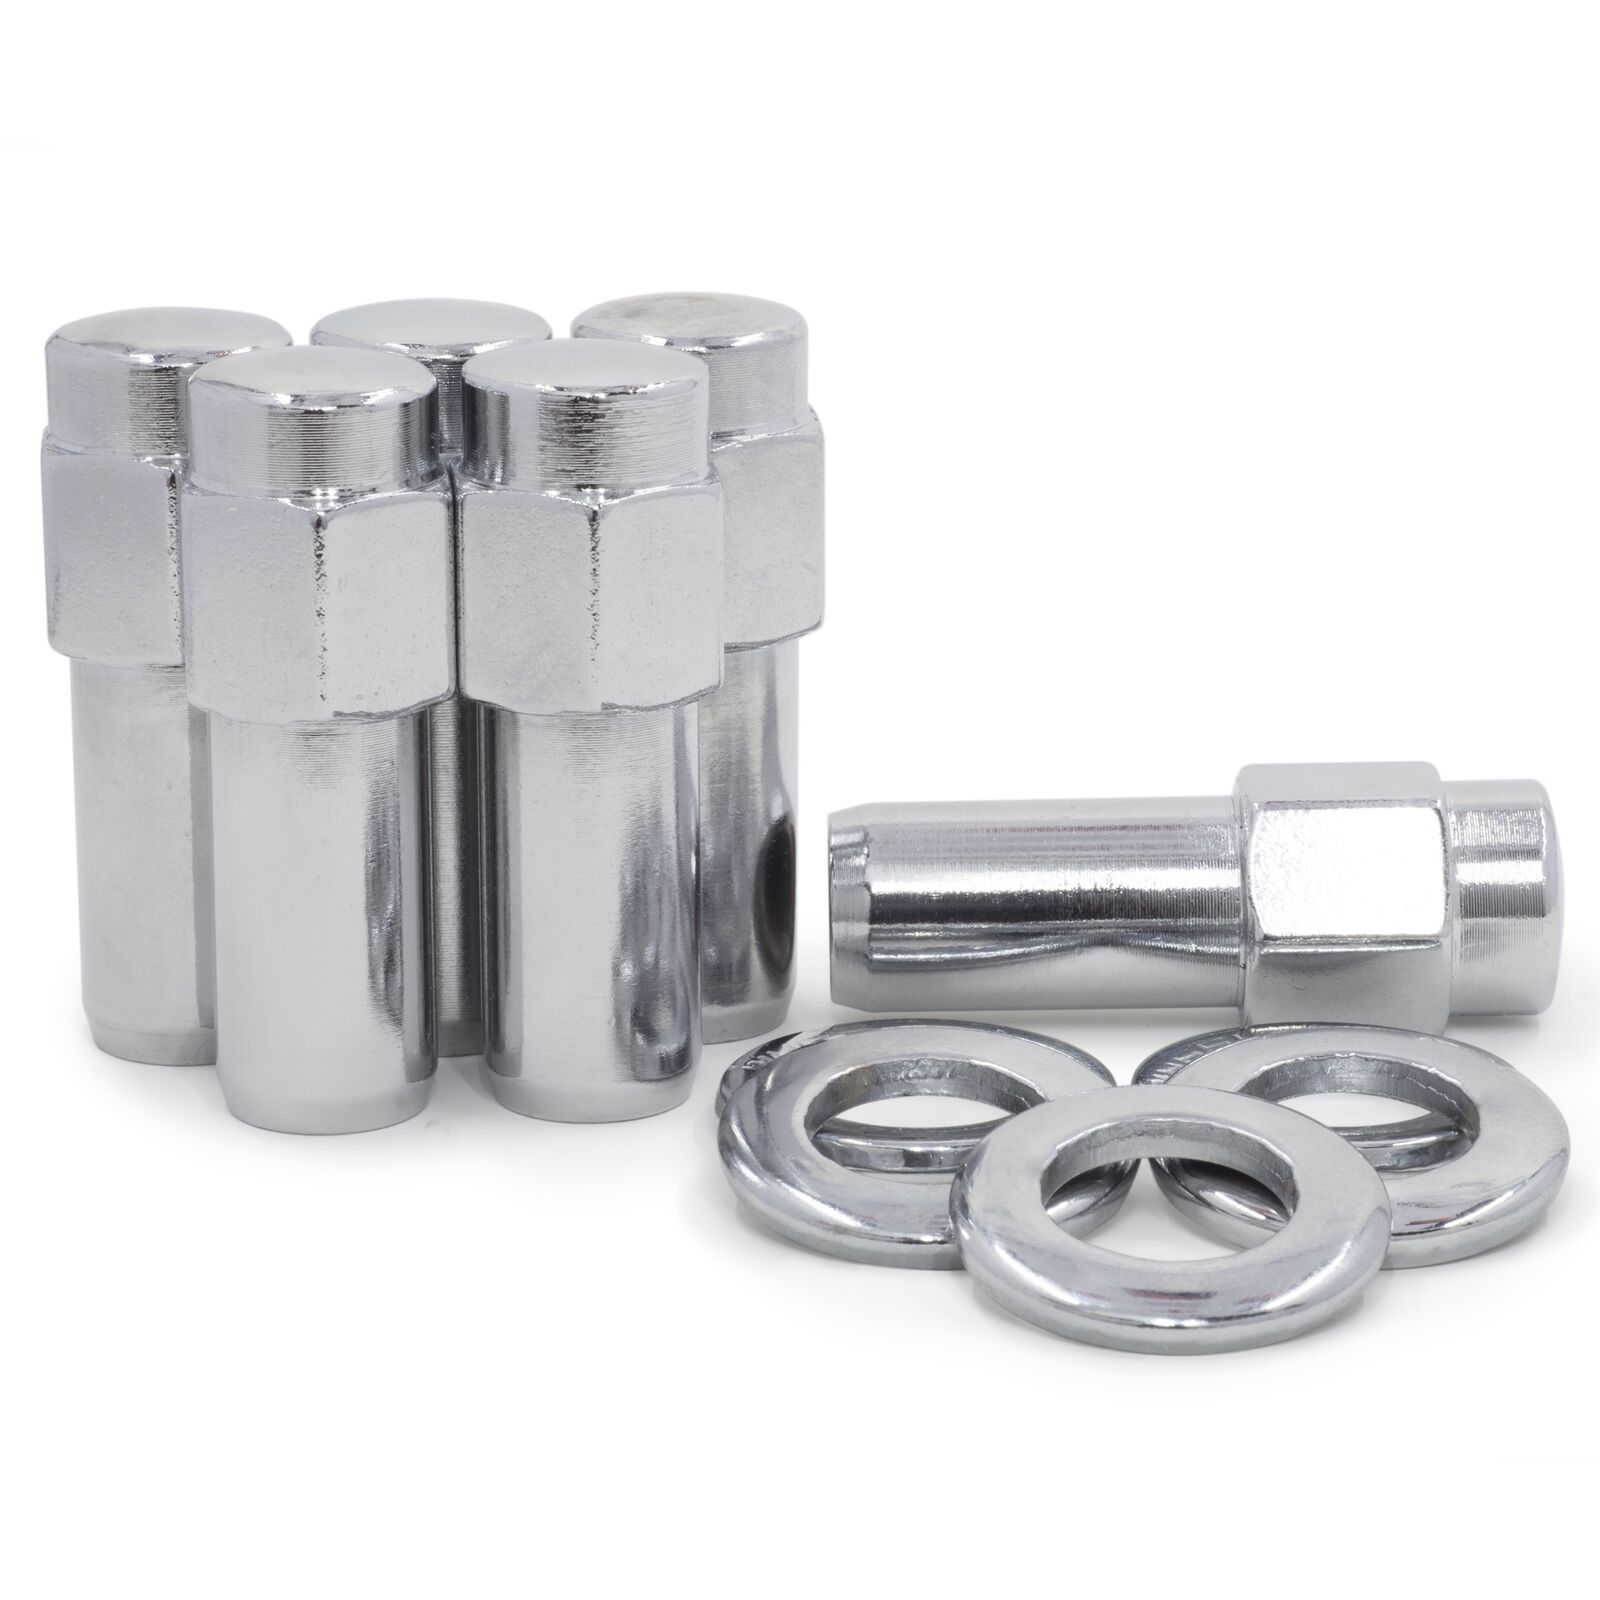 For BMW E30 E28 E24 1x Crank Shaft Sensor Motronic Ignition Bosch 12141708619